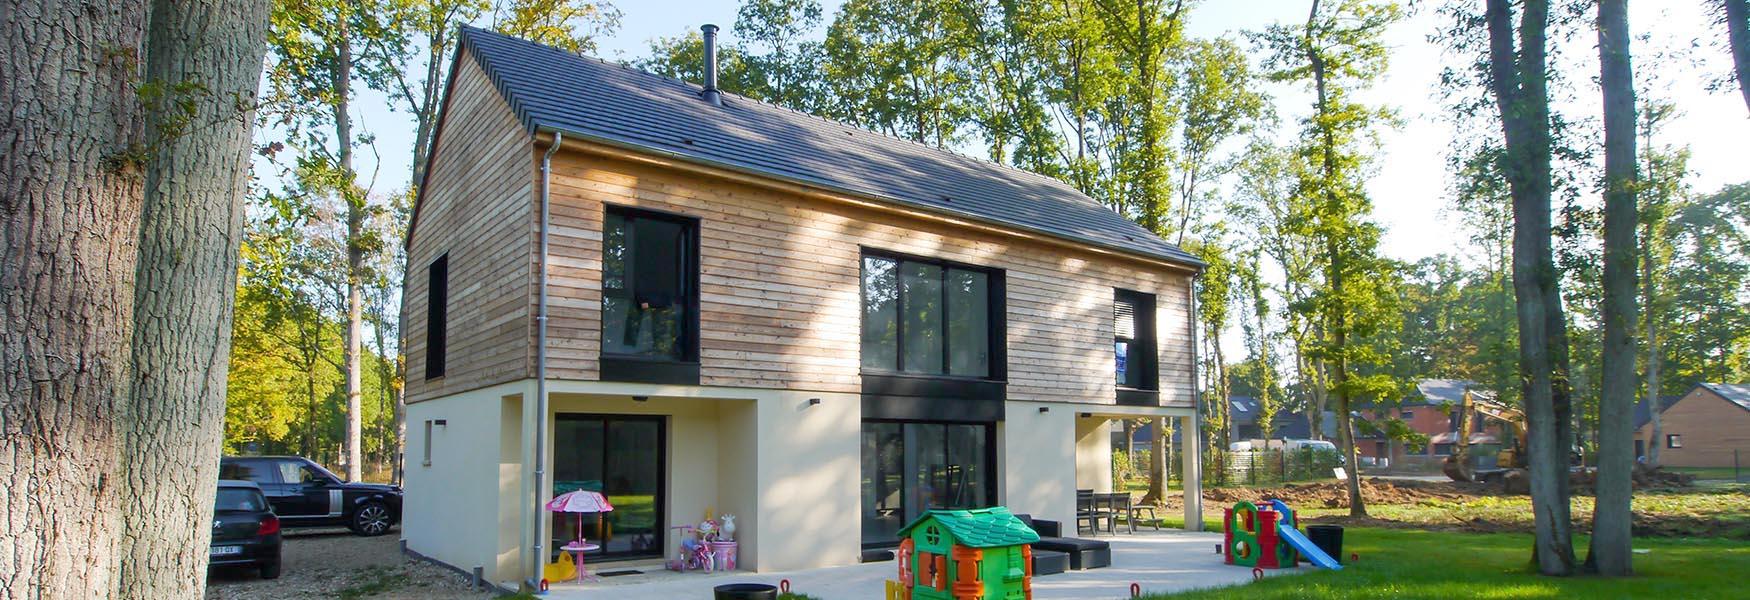 Maison bois à l'orée de la forêt Constructeur France-Maisons-idf